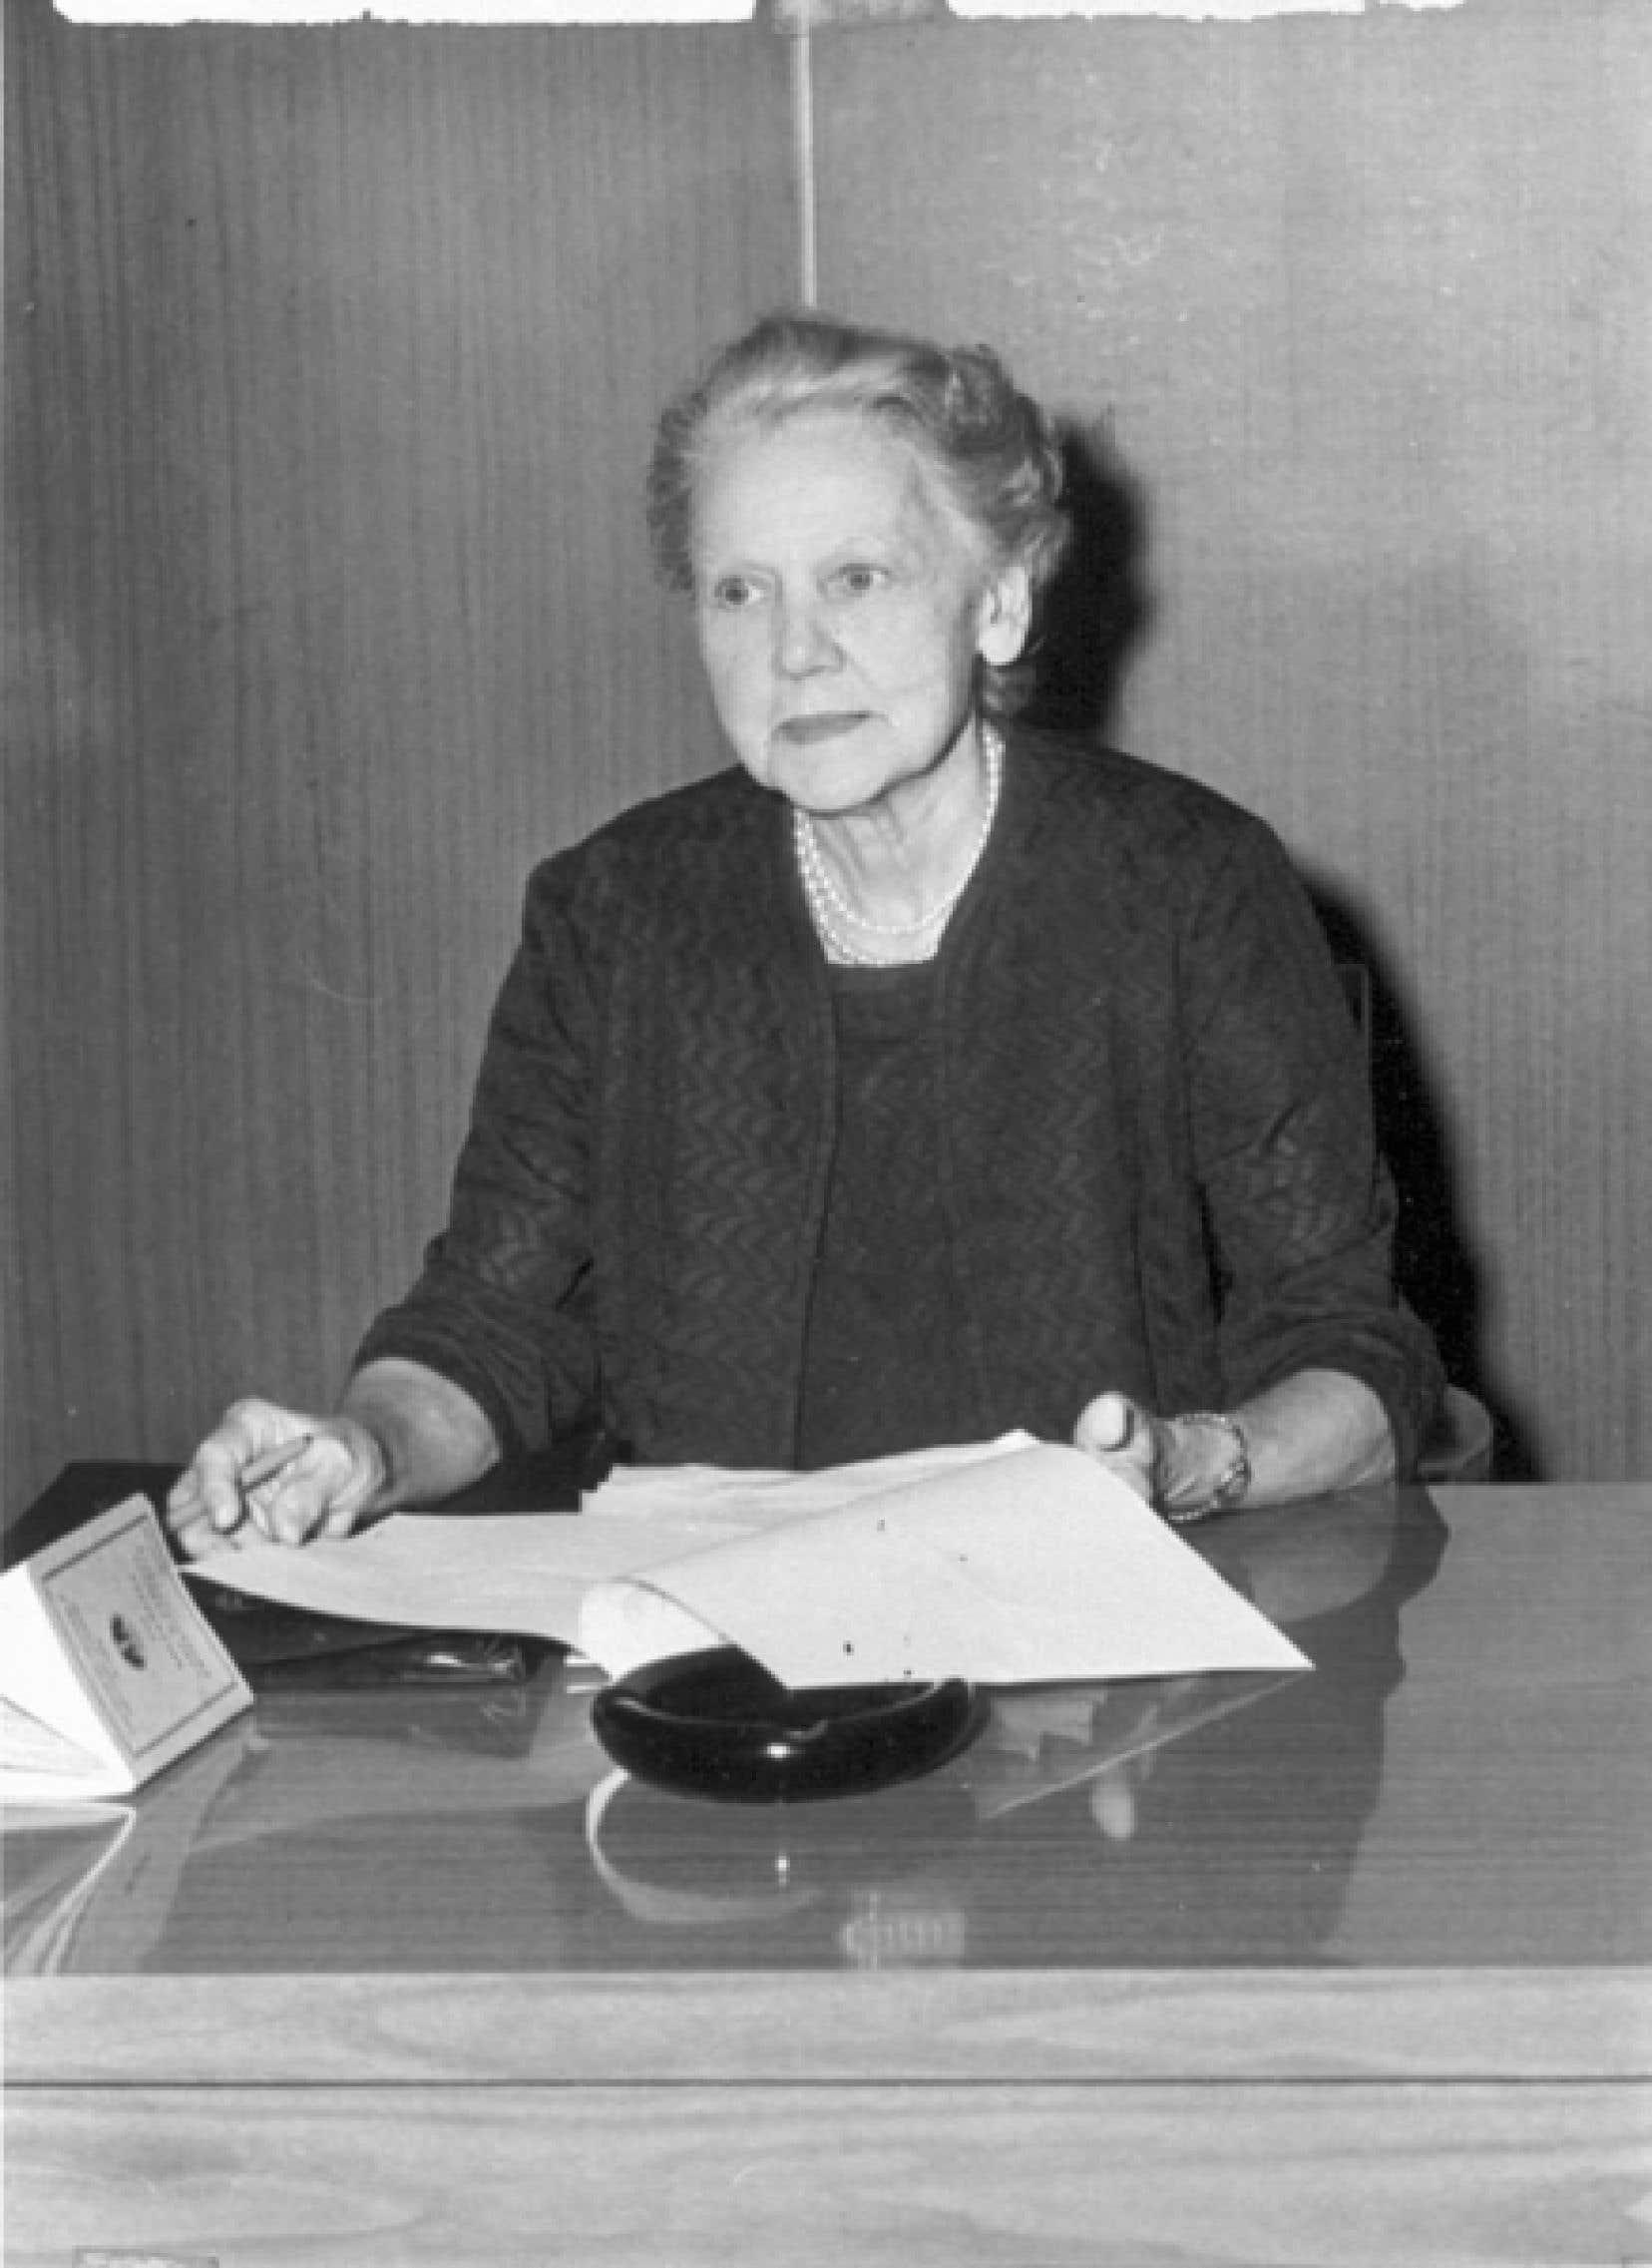 Grâce au travail acharné de Laure Gaudreault, la Fédération des institutrices rurales de la province de Québec obtient en 1945 un salaire minimum annuel de 600 $ pour les enseignants.<br />